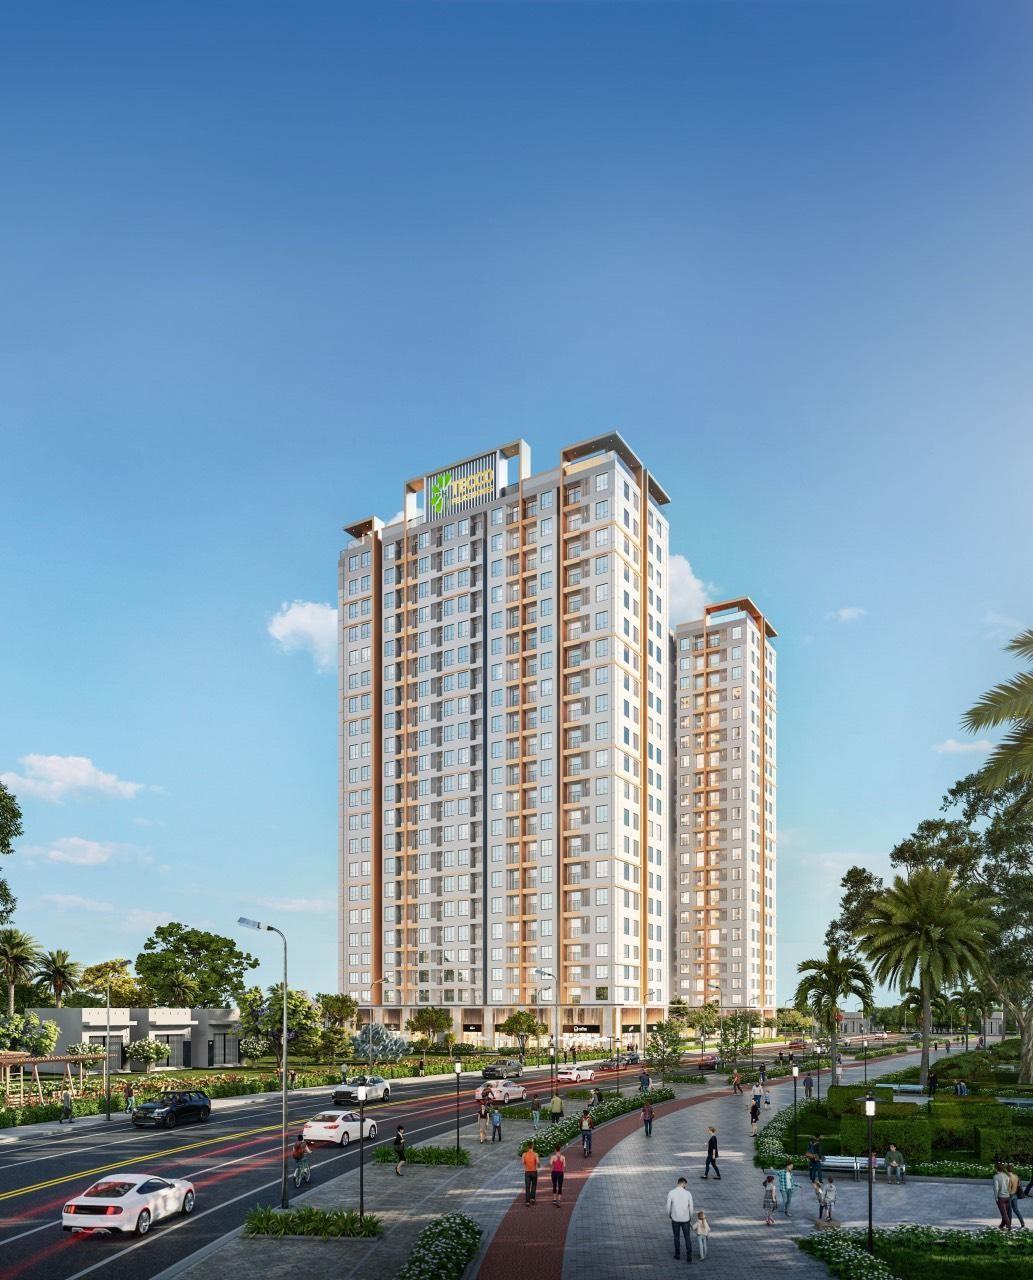 Tecco Felice Homes cung cấp gần 850 sản phẩm căn hộ cho thị trường Thuận An. Ảnh: Đất Xanh Miền Đông.